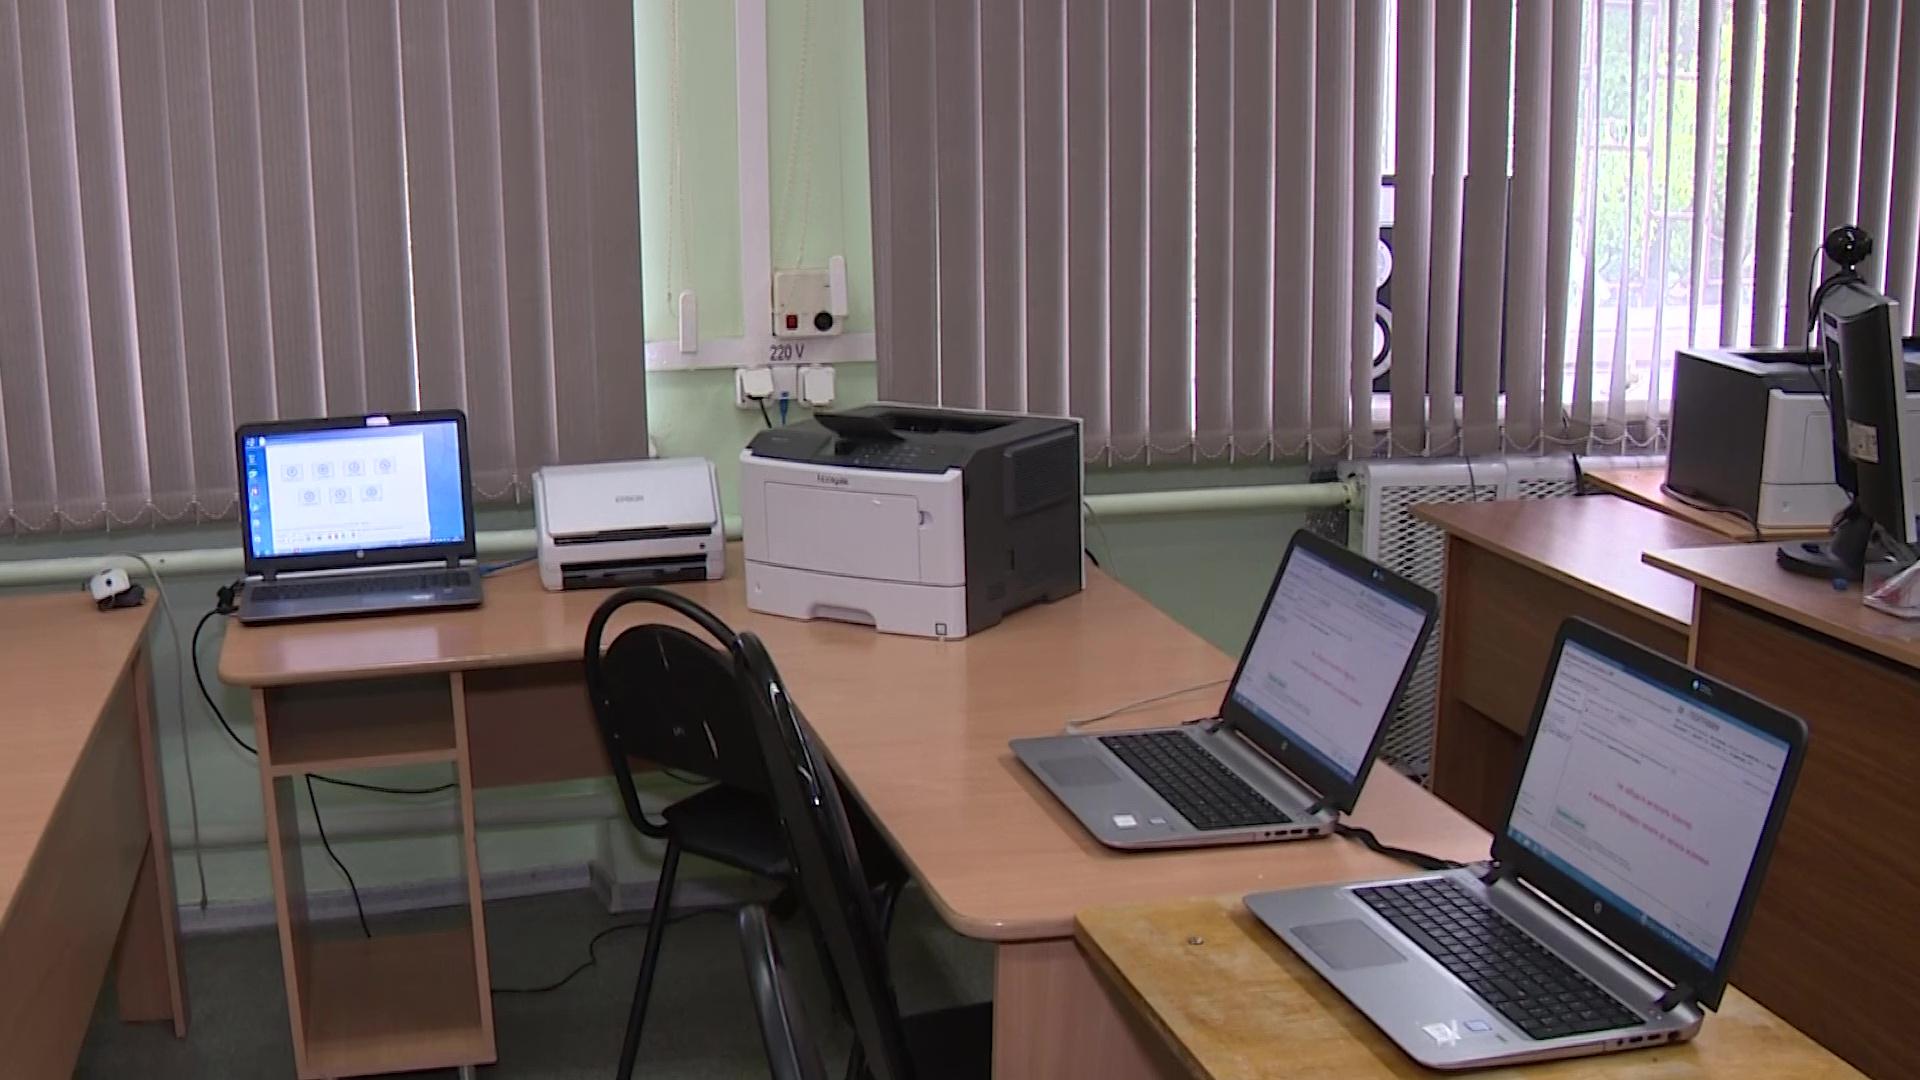 Тепловизоры, антисептик и маски: в Ярославской области отрепетировали ЕГЭ